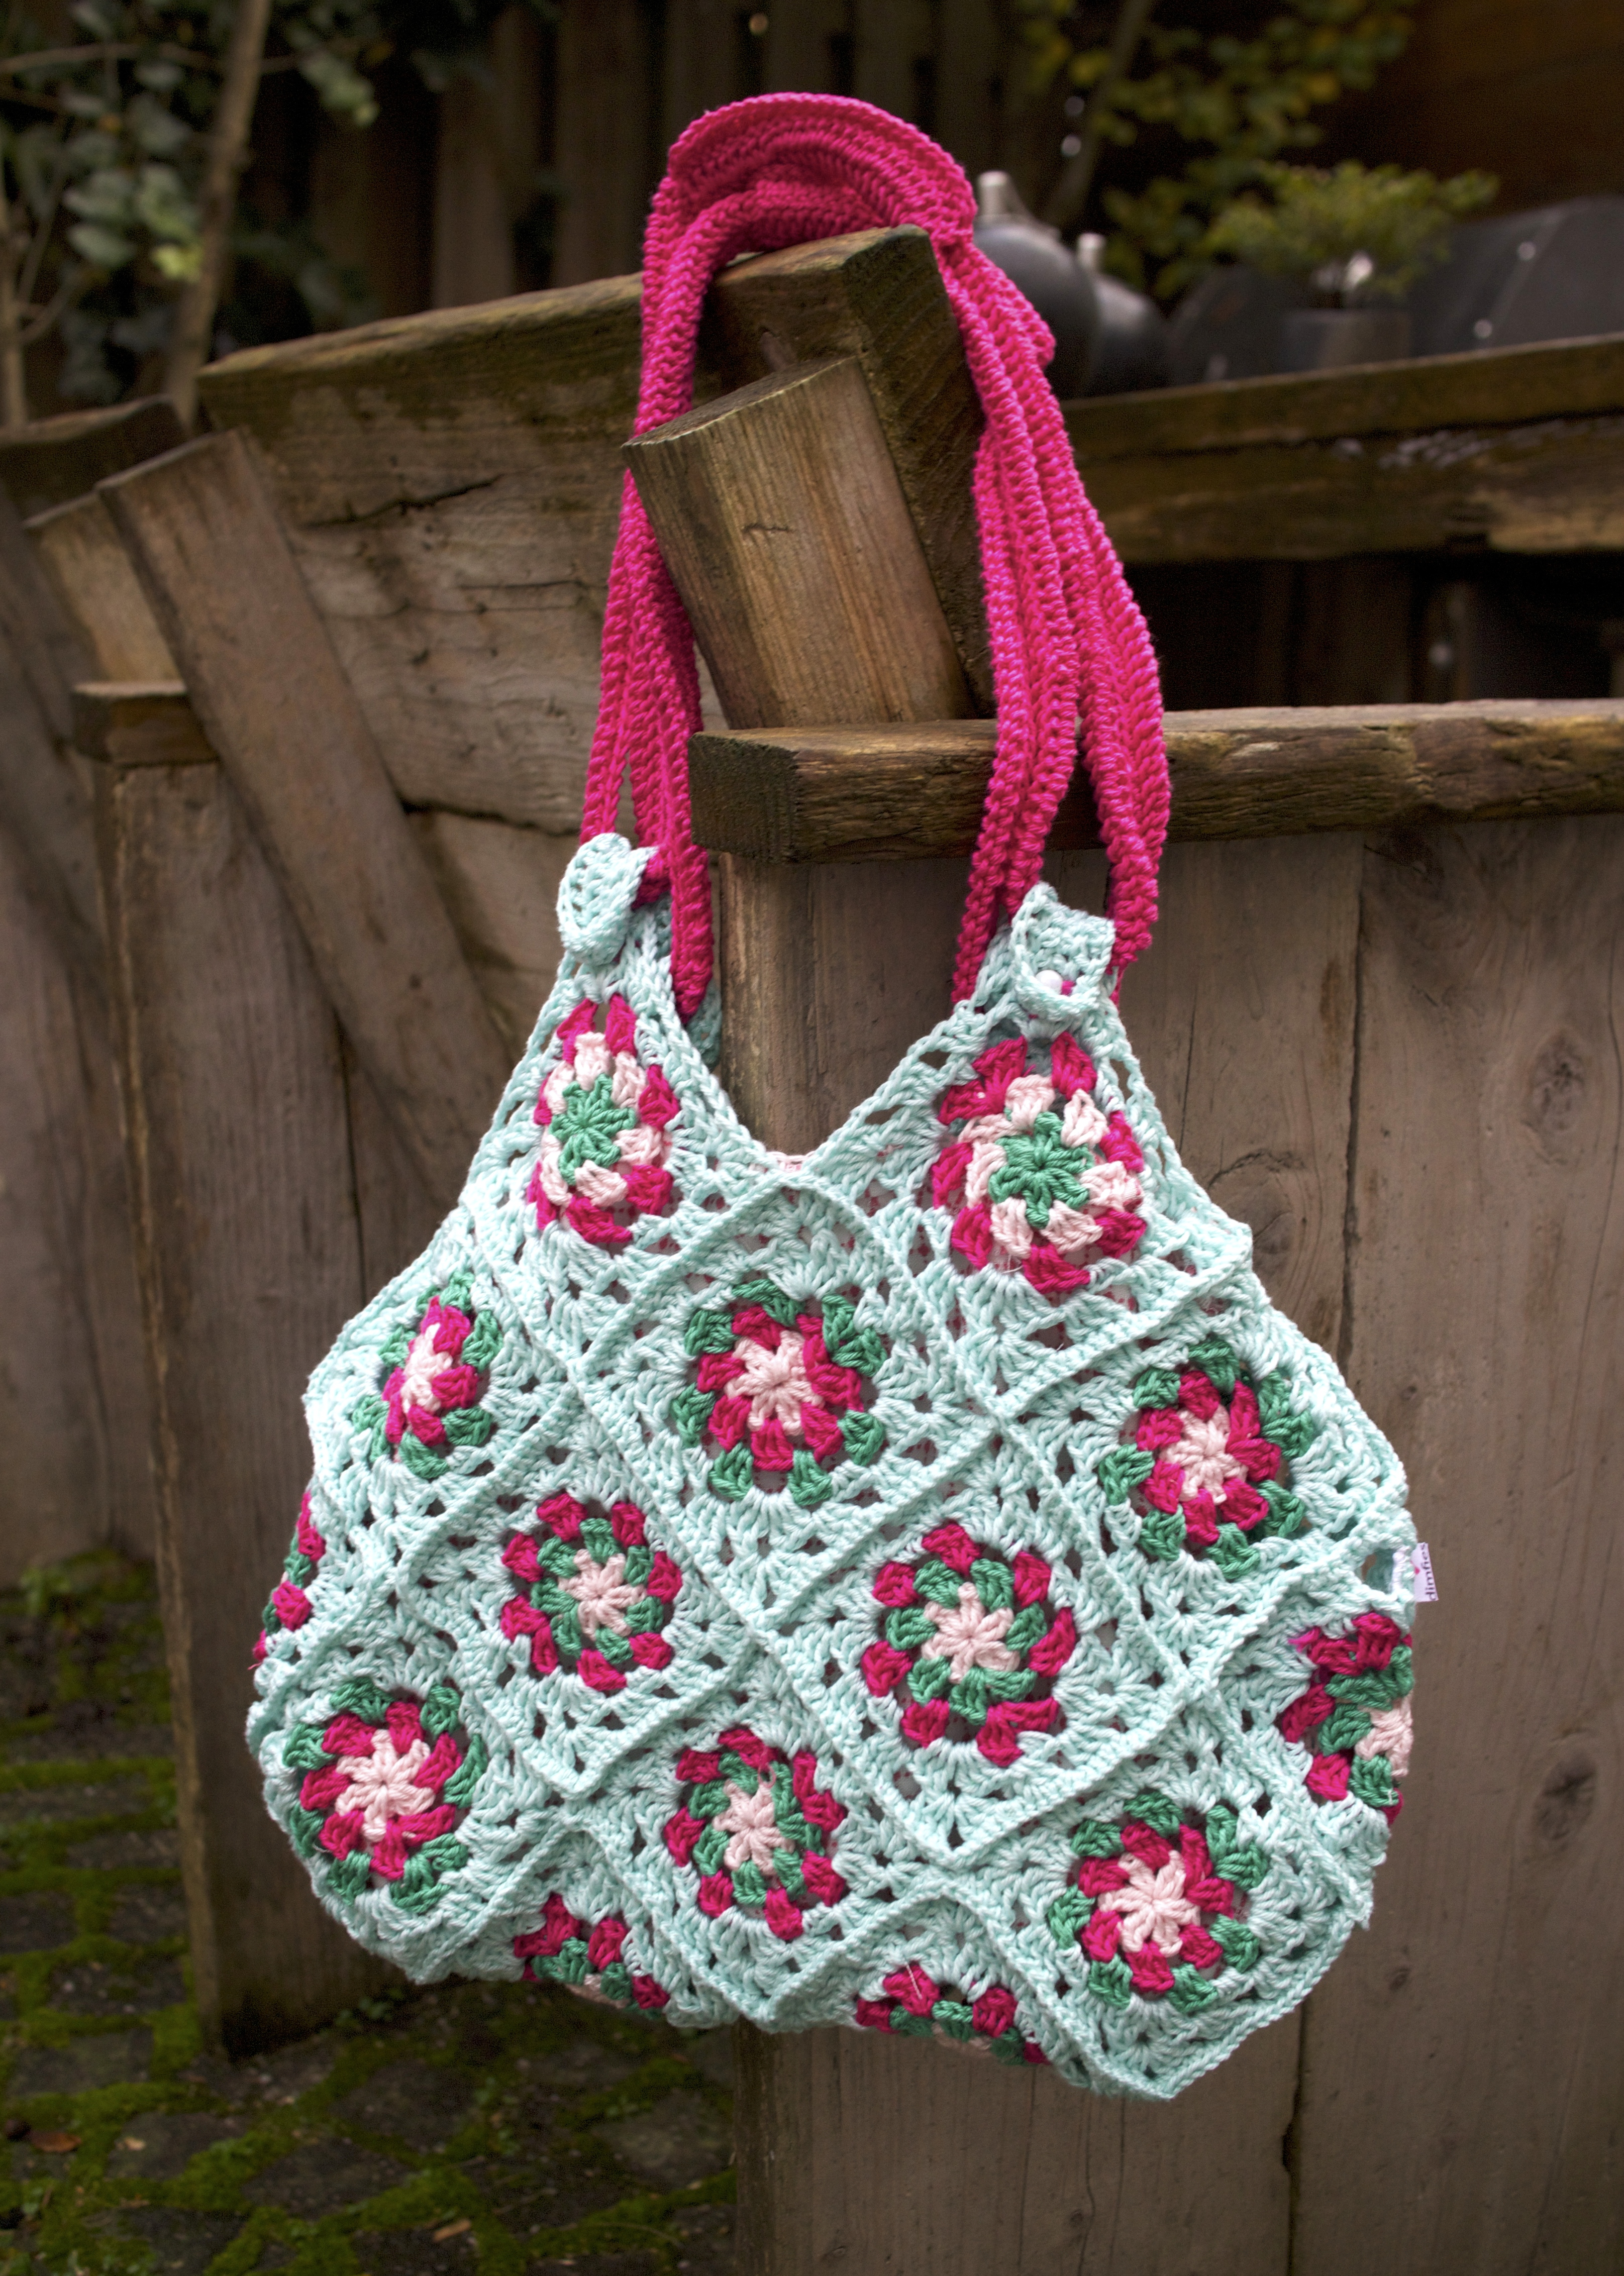 Tas Zelf Ontwerpen : Kleurige granny tas haken ontwerpen fotografie